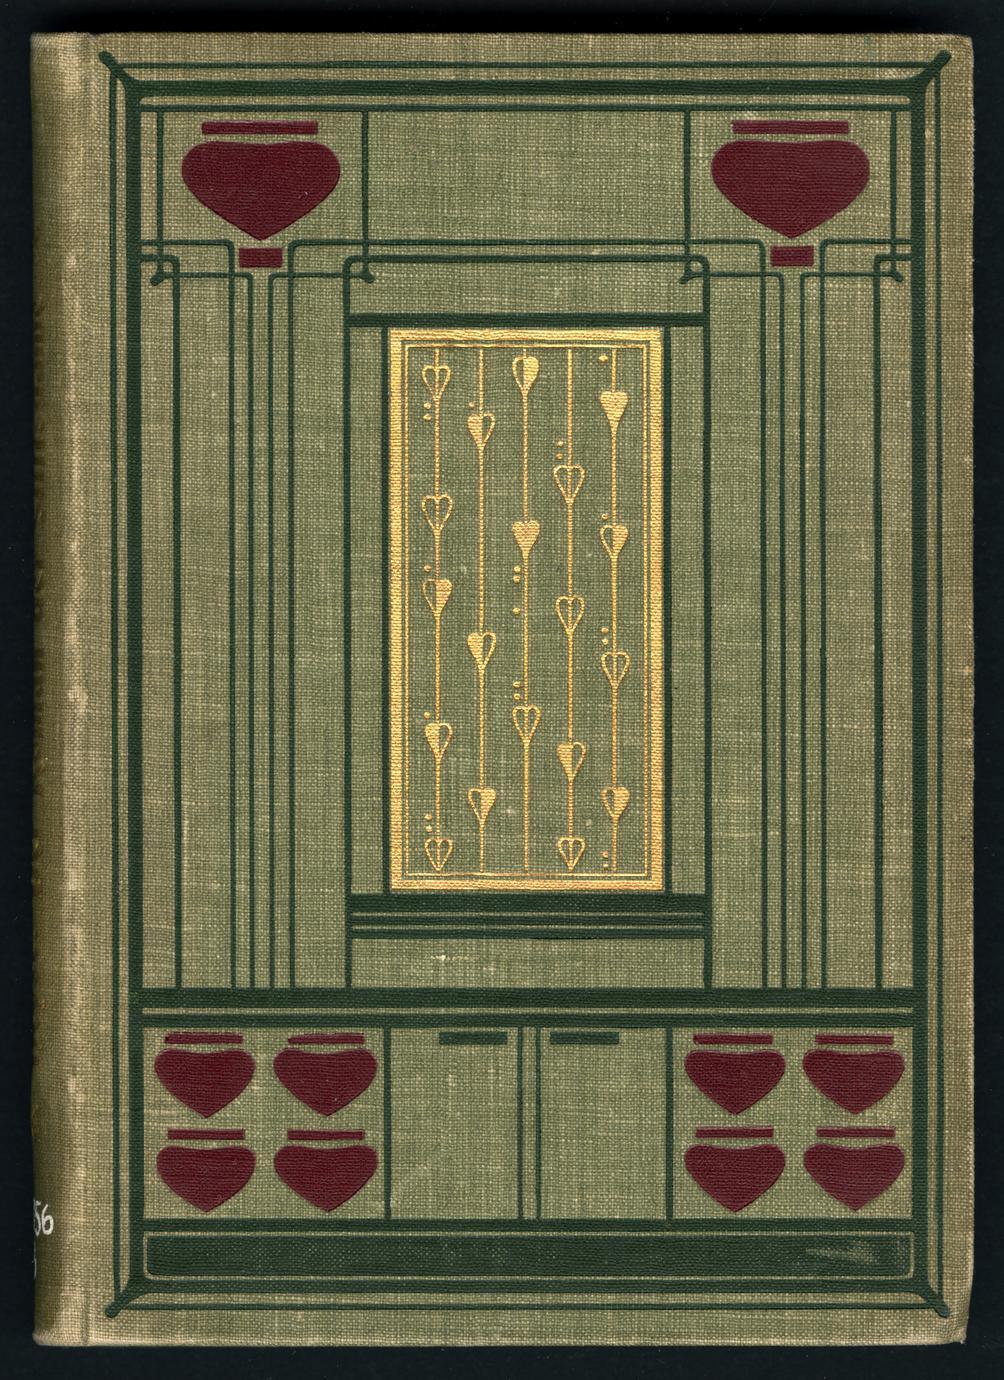 Der Roman der Stiftsdame (1 of 3)